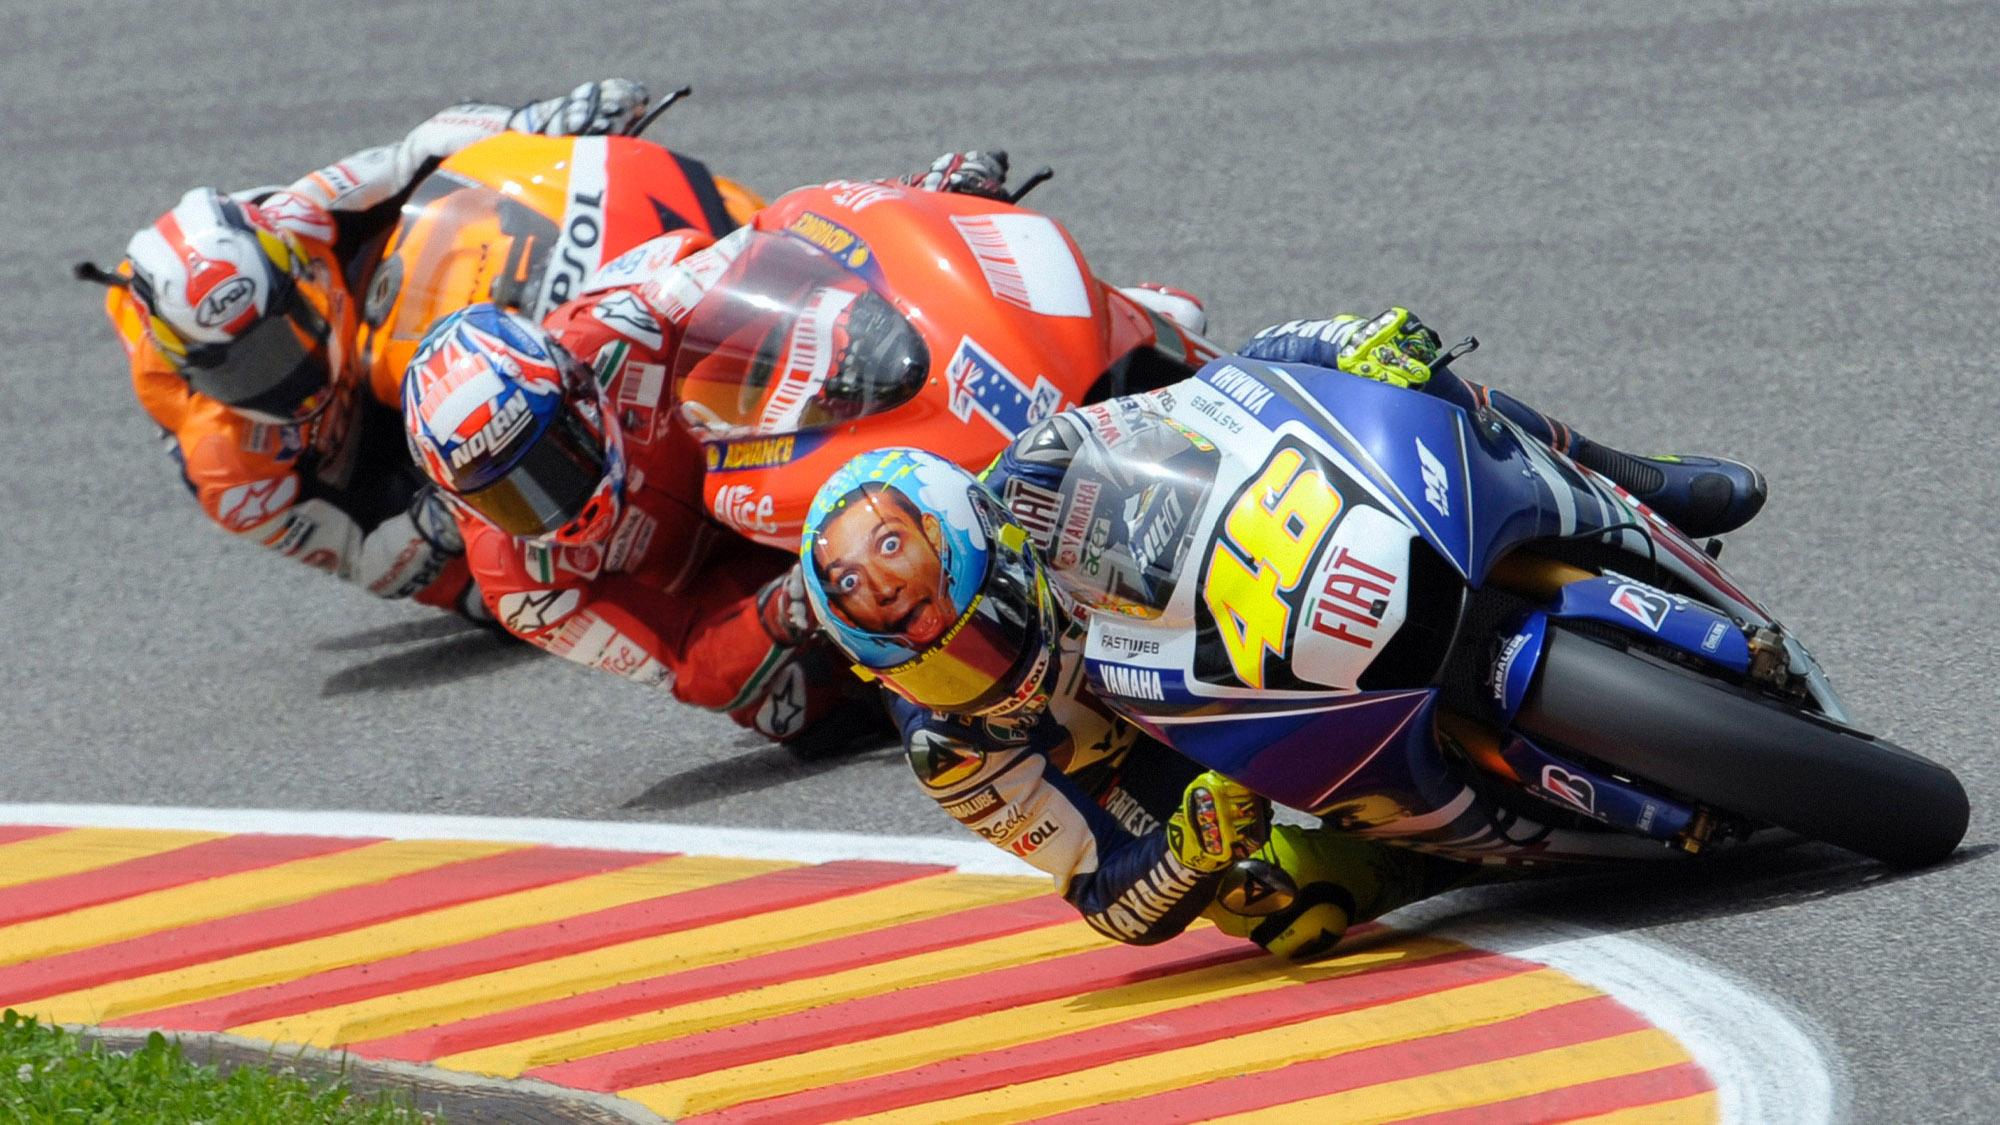 Valentino Rossi leads at the 2008 MotoGP Italian Grand Prix at Mugello